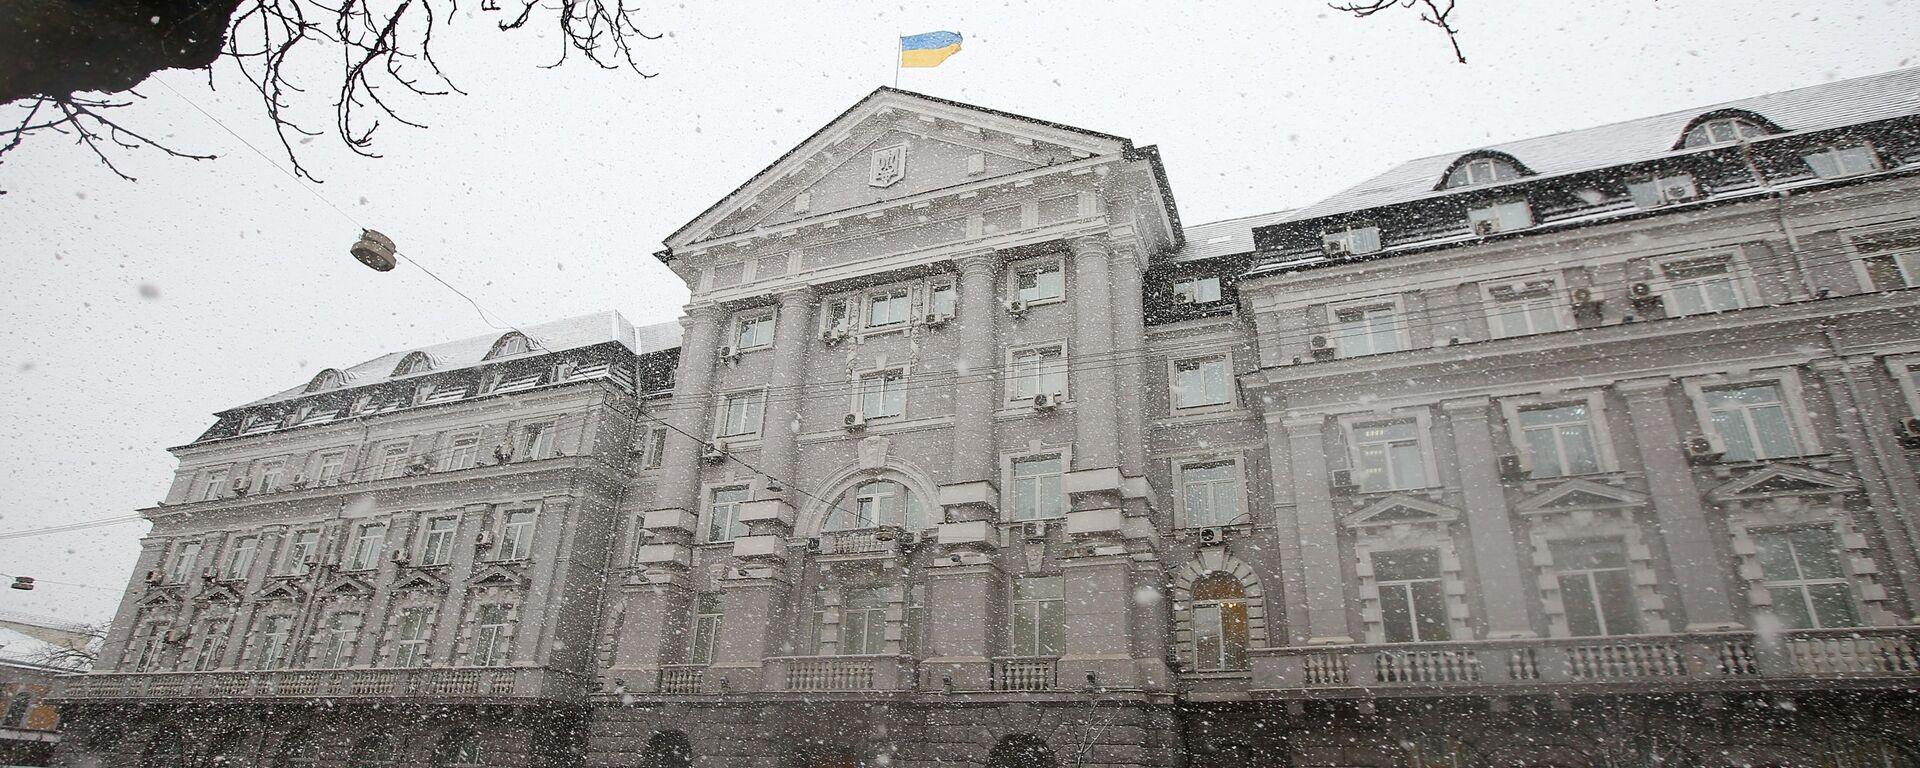 Budynek Służby Bezpieczeństwa Ukrainy (SBU) w Kijowie - Sputnik Polska, 1920, 26.01.2021